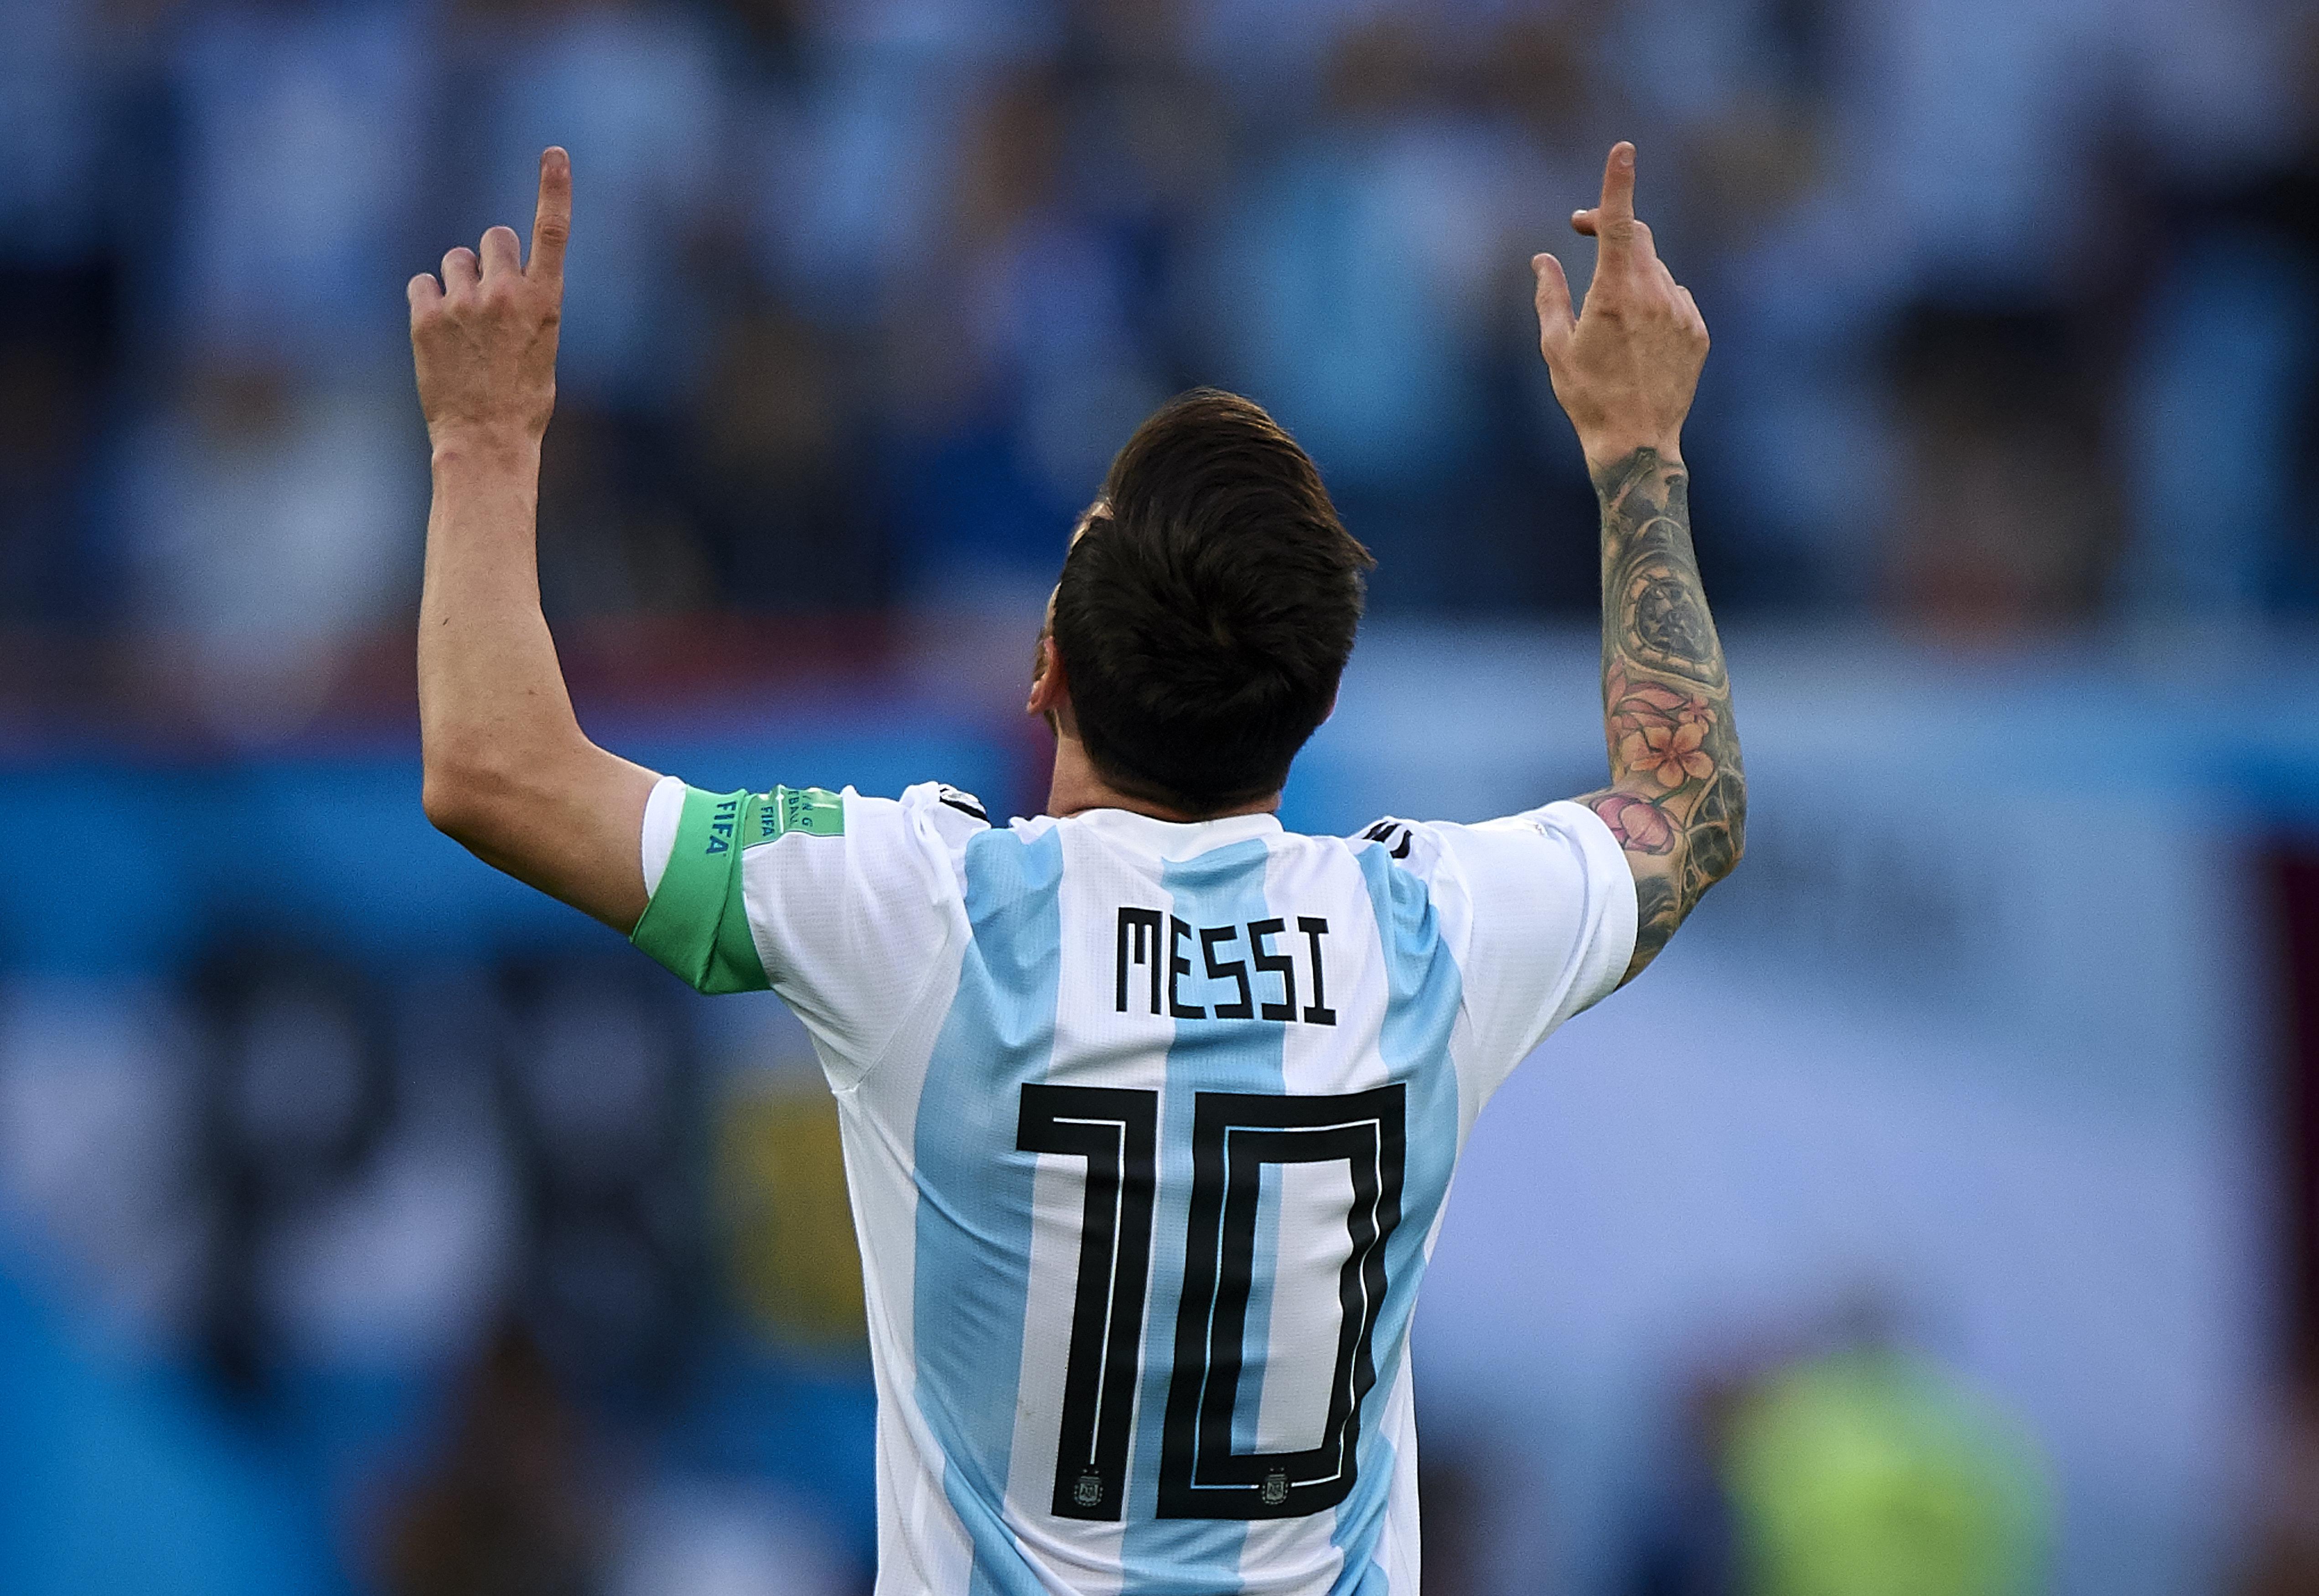 메시의 러시아 월드컵 첫 골이 드디어